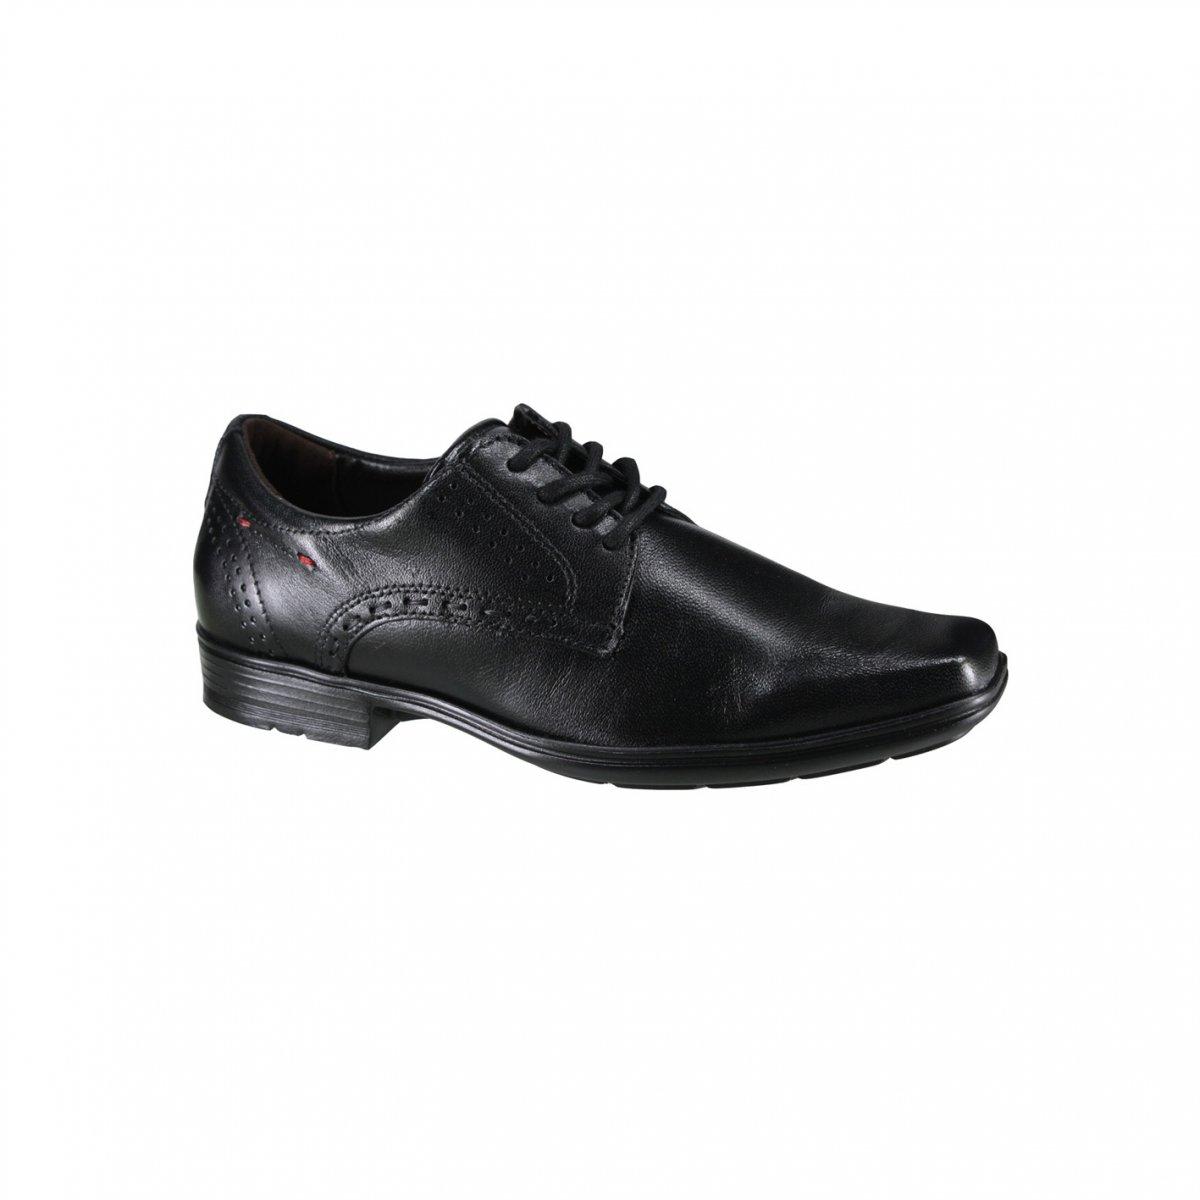 abaaac623 Sapato Social Pegada Infantil 322306-01 - Preto (Mestiço) - Calçados ...